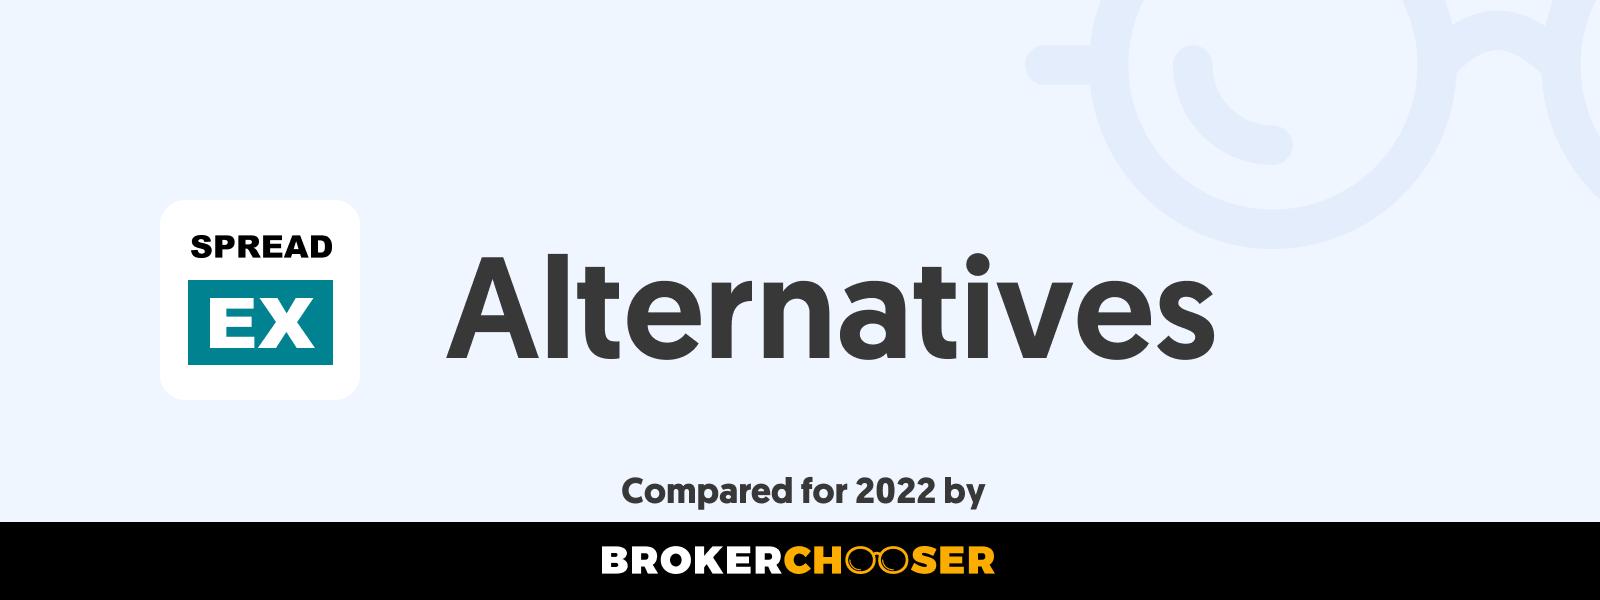 Spreadex Alternatives